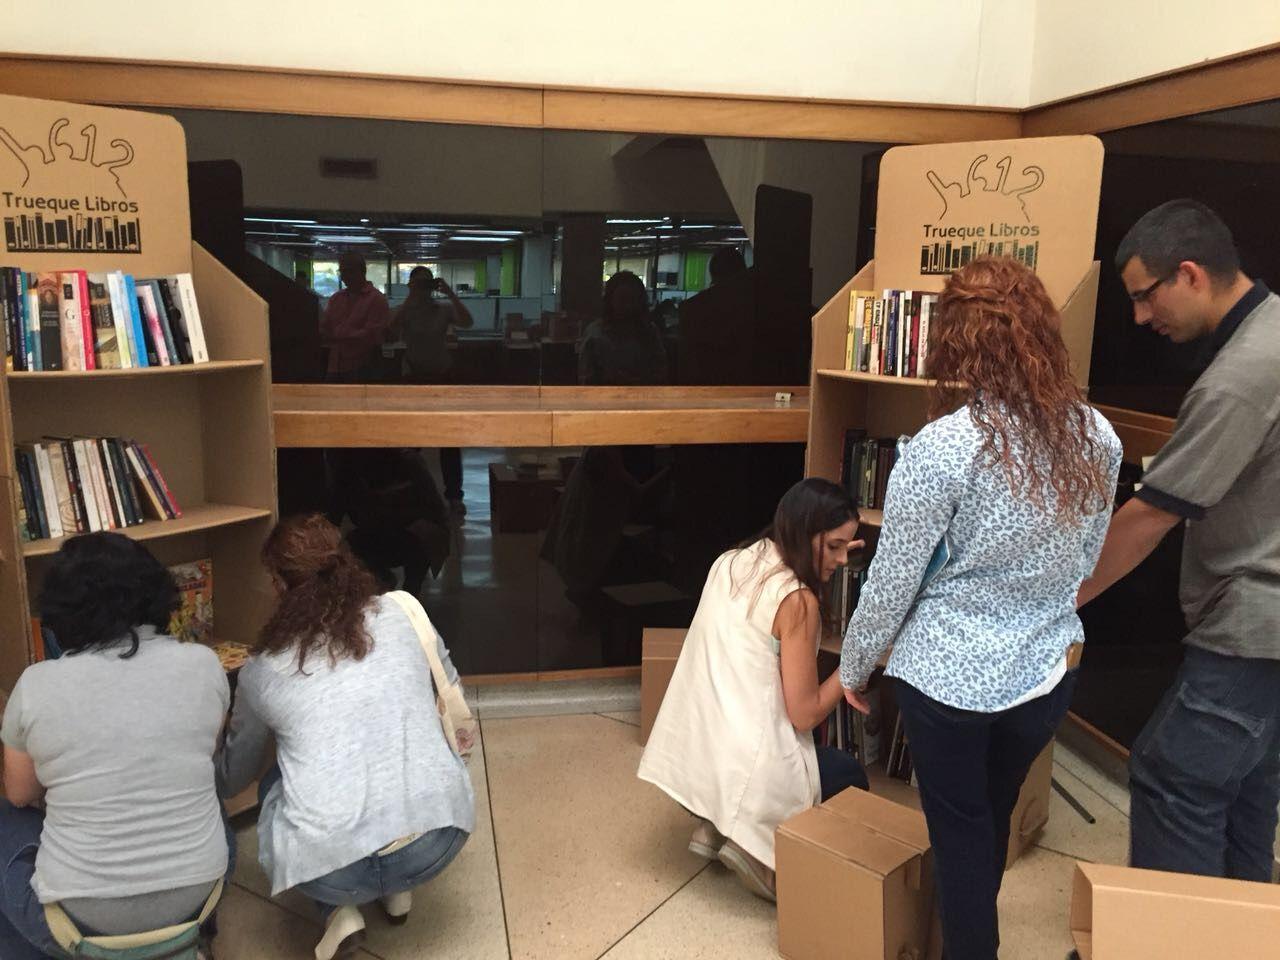 Trueque Libros en El Colombiano Trueque, Libros